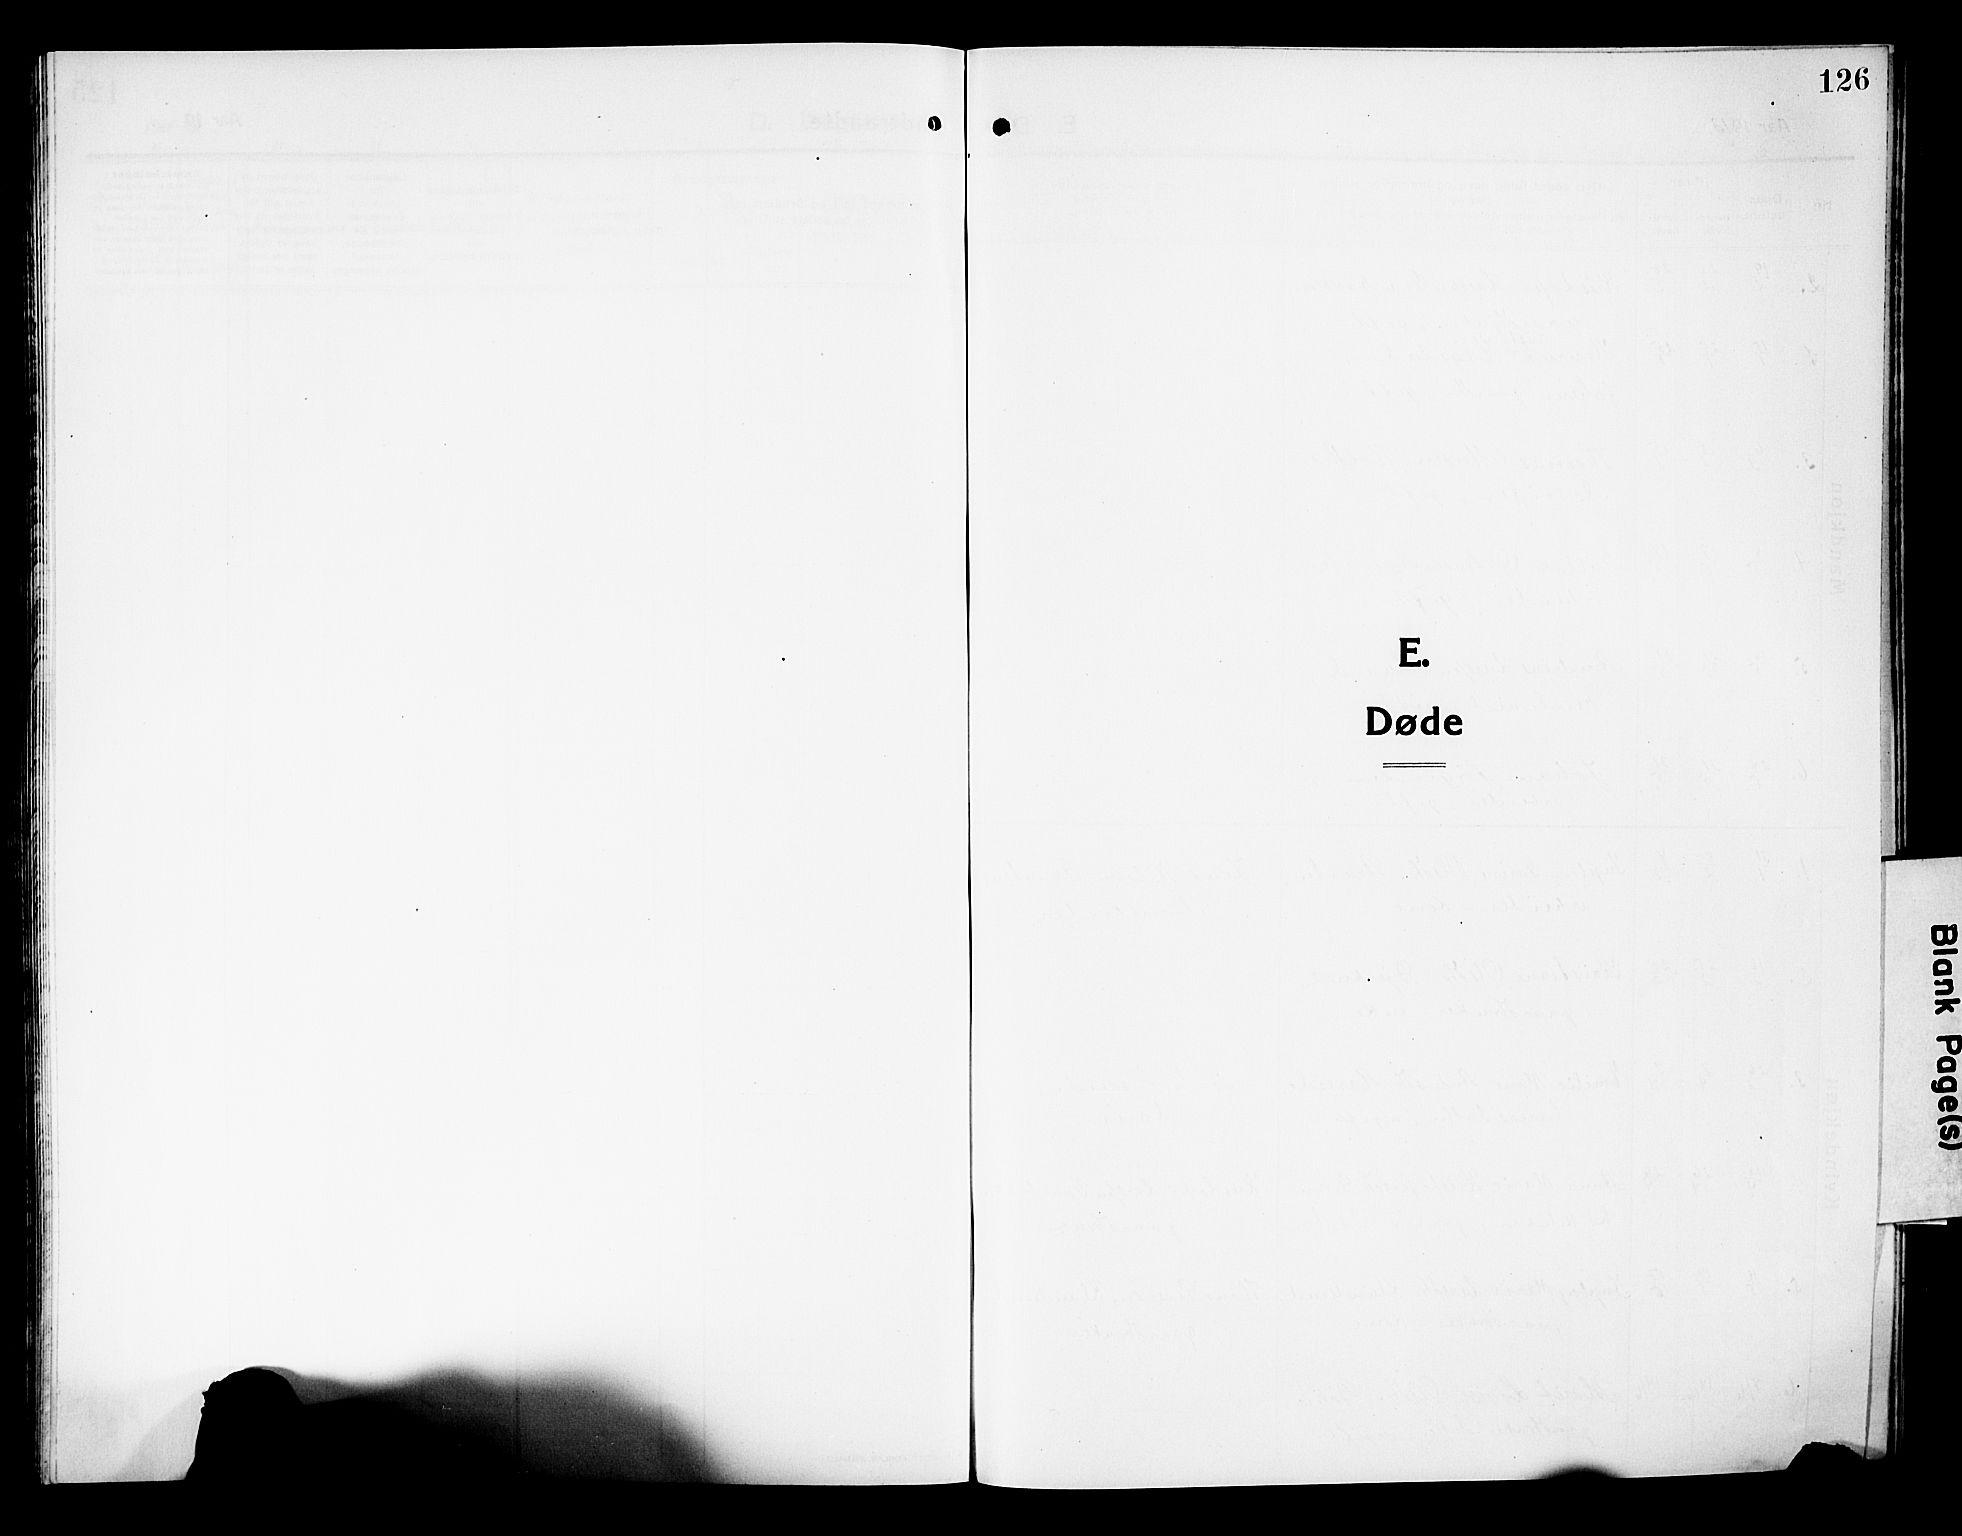 SAKO, Fiskum kirkebøker, G/Ga/L0006: Klokkerbok nr. 6, 1913-1927, s. 126